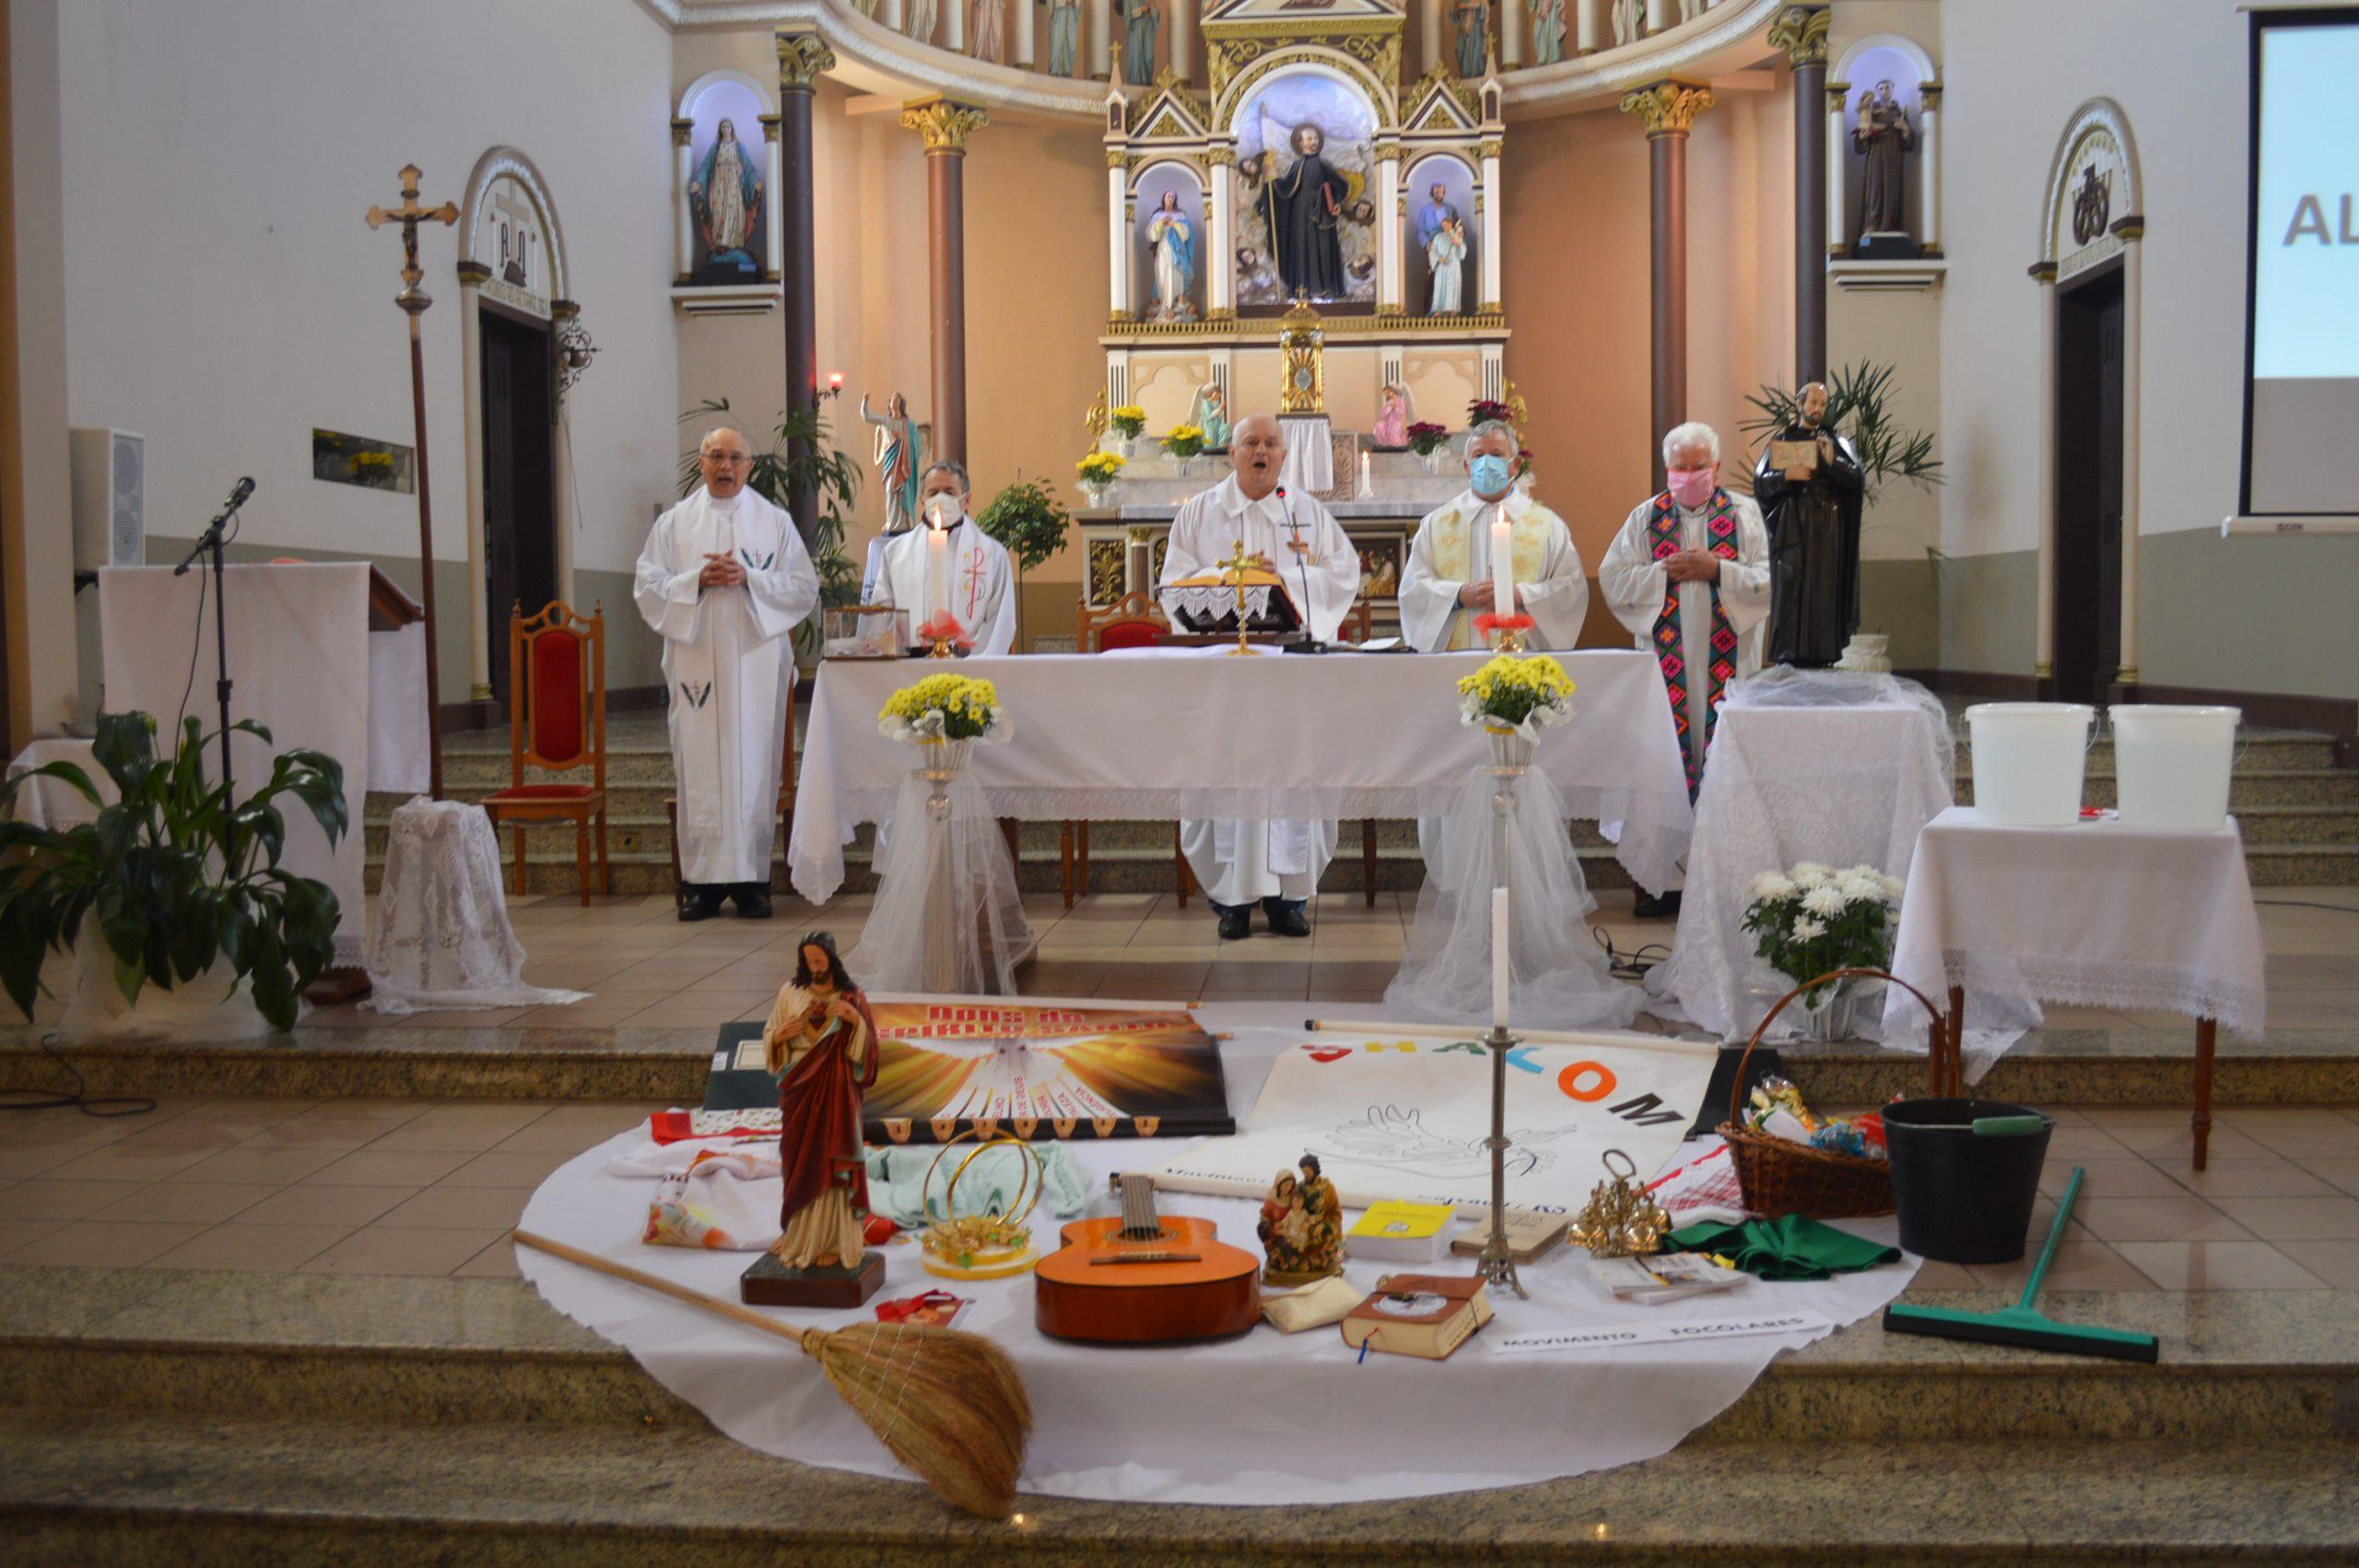 Missa e galeto drive-thru marcam celebração dos 140 anos da Paróquia Santo Inácio